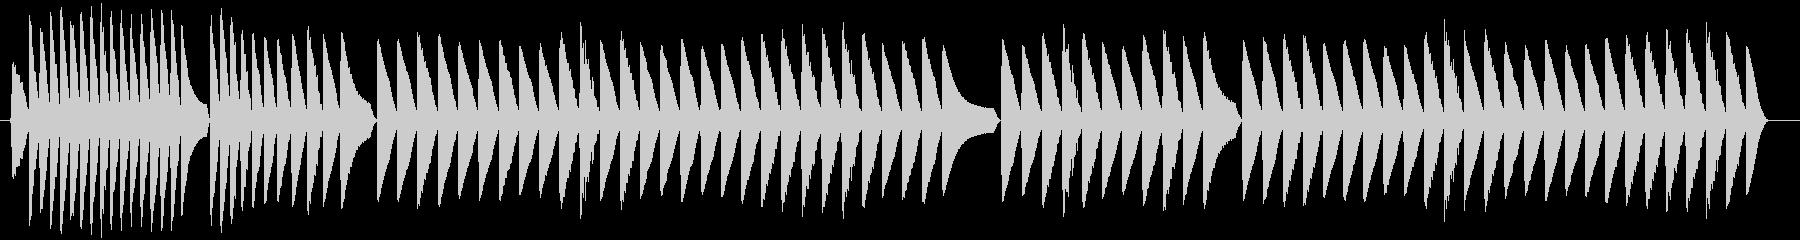 トーンラピッドシーケンスサンプルホールドの未再生の波形